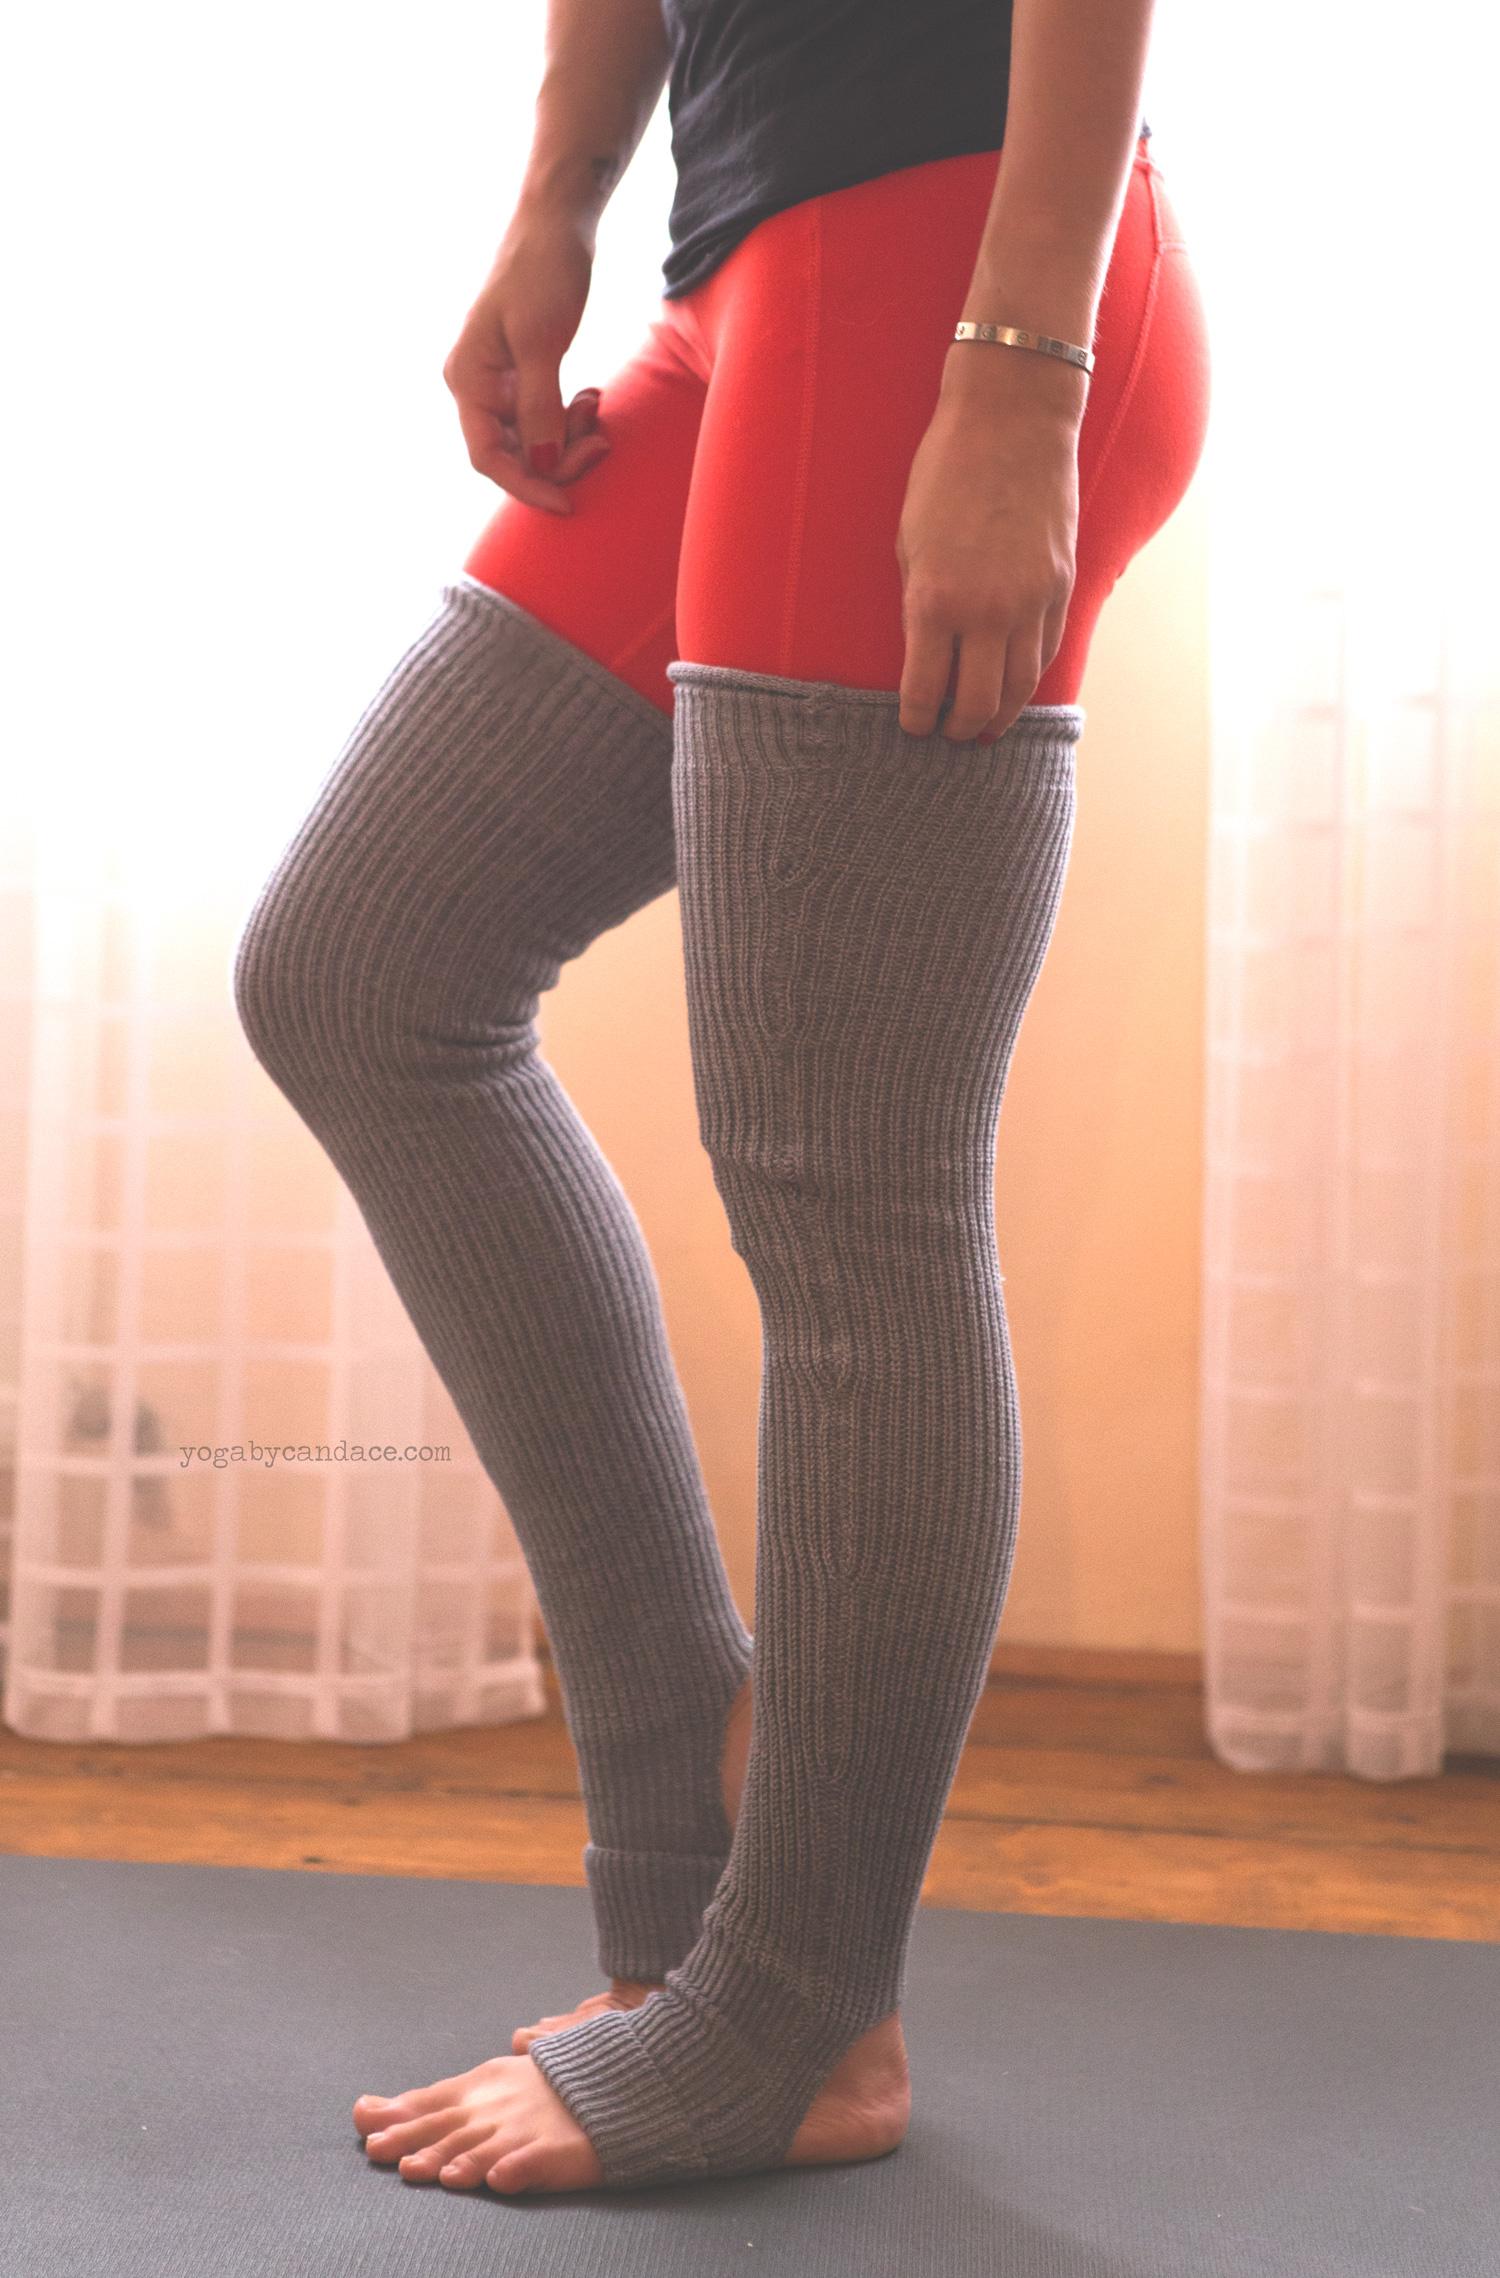 Pin it!  Wearing:  Athleta pants  (on sale!),  Sweaty Betty legwarmers .